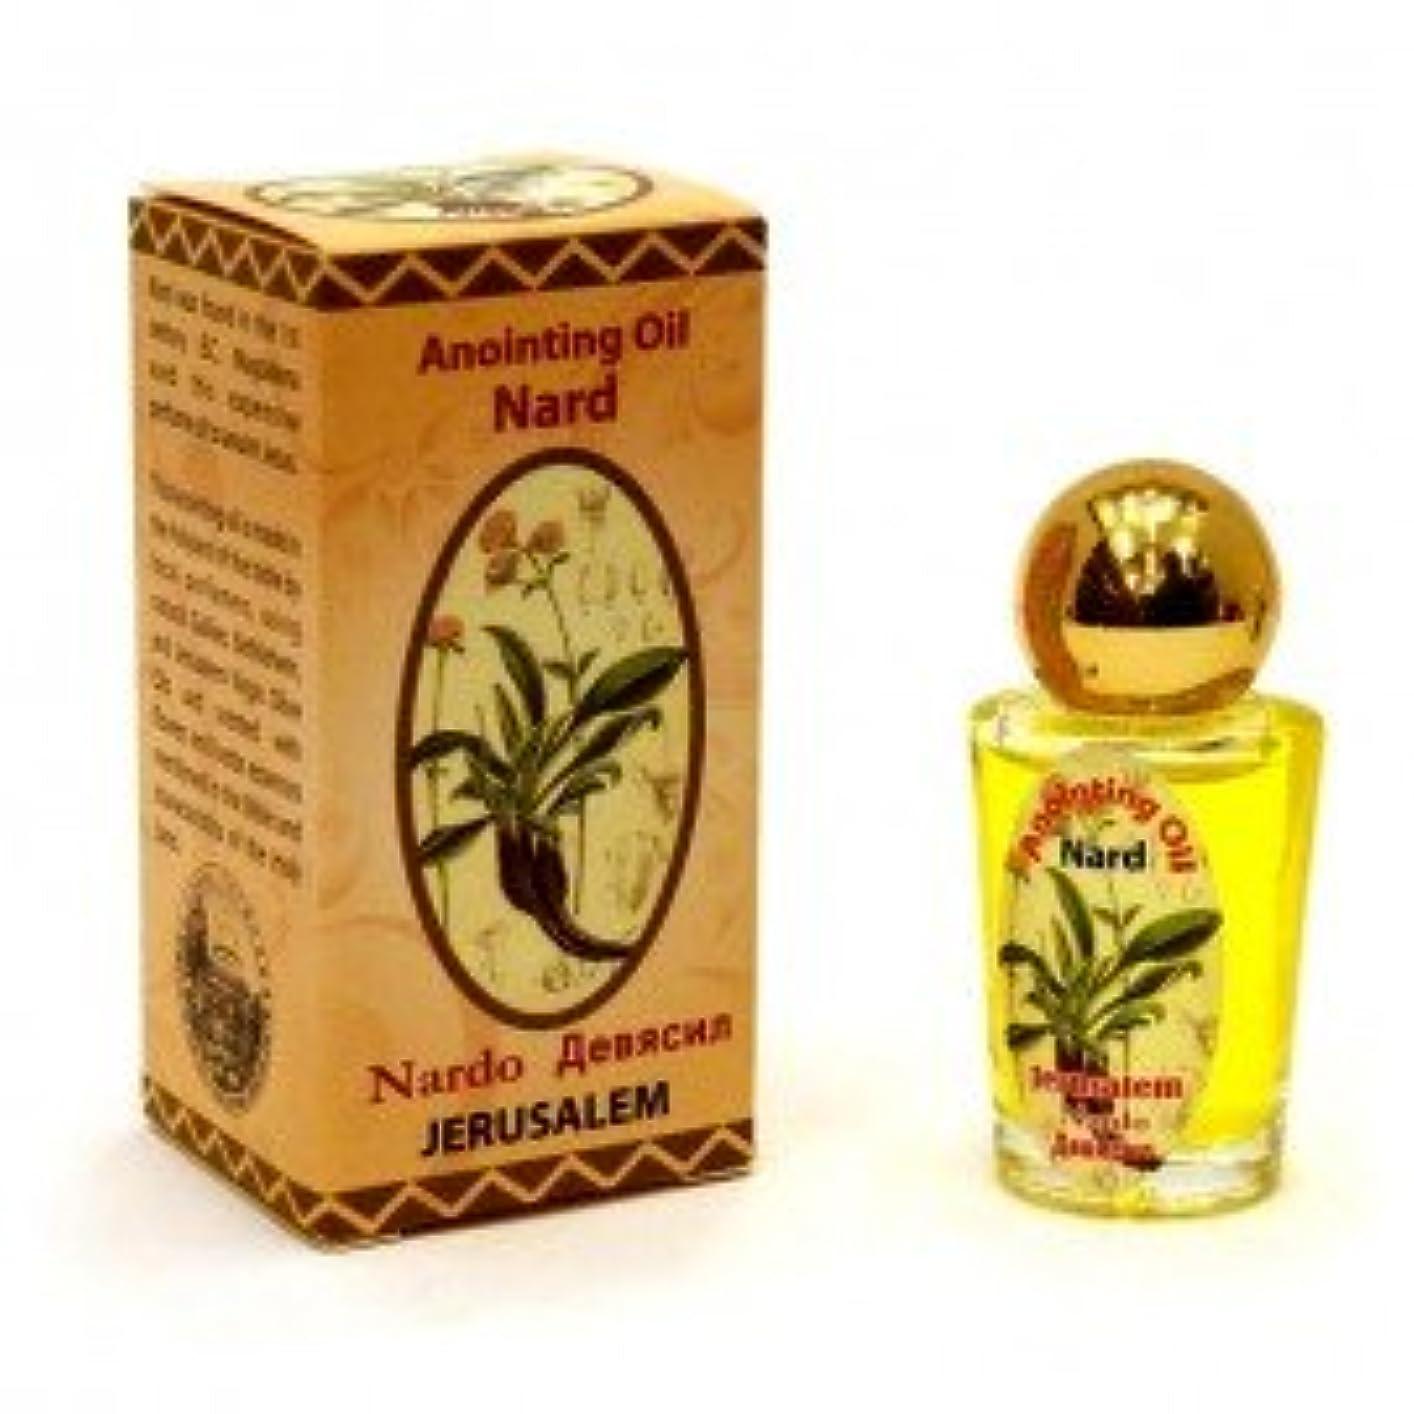 ソーシャル大量風邪をひくHoly Land Blessed Anointingオイル30 ml Biblical Fragrance Jerusalem byベツレヘムギフトTM